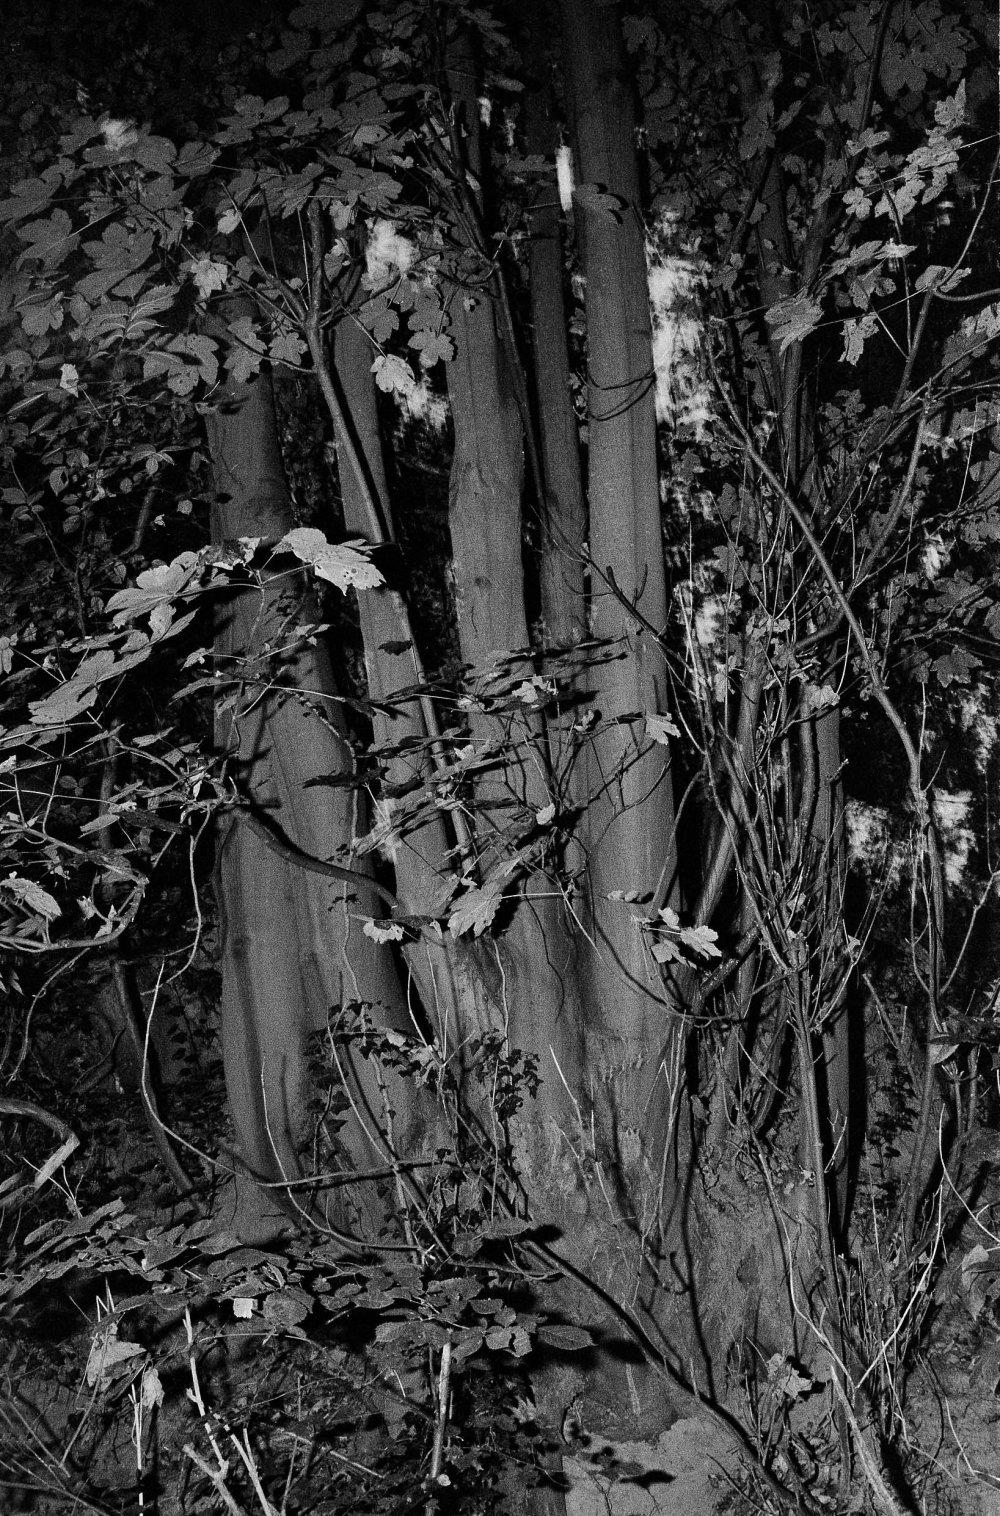 1tree, noctuary, 2019, Renée Lorie